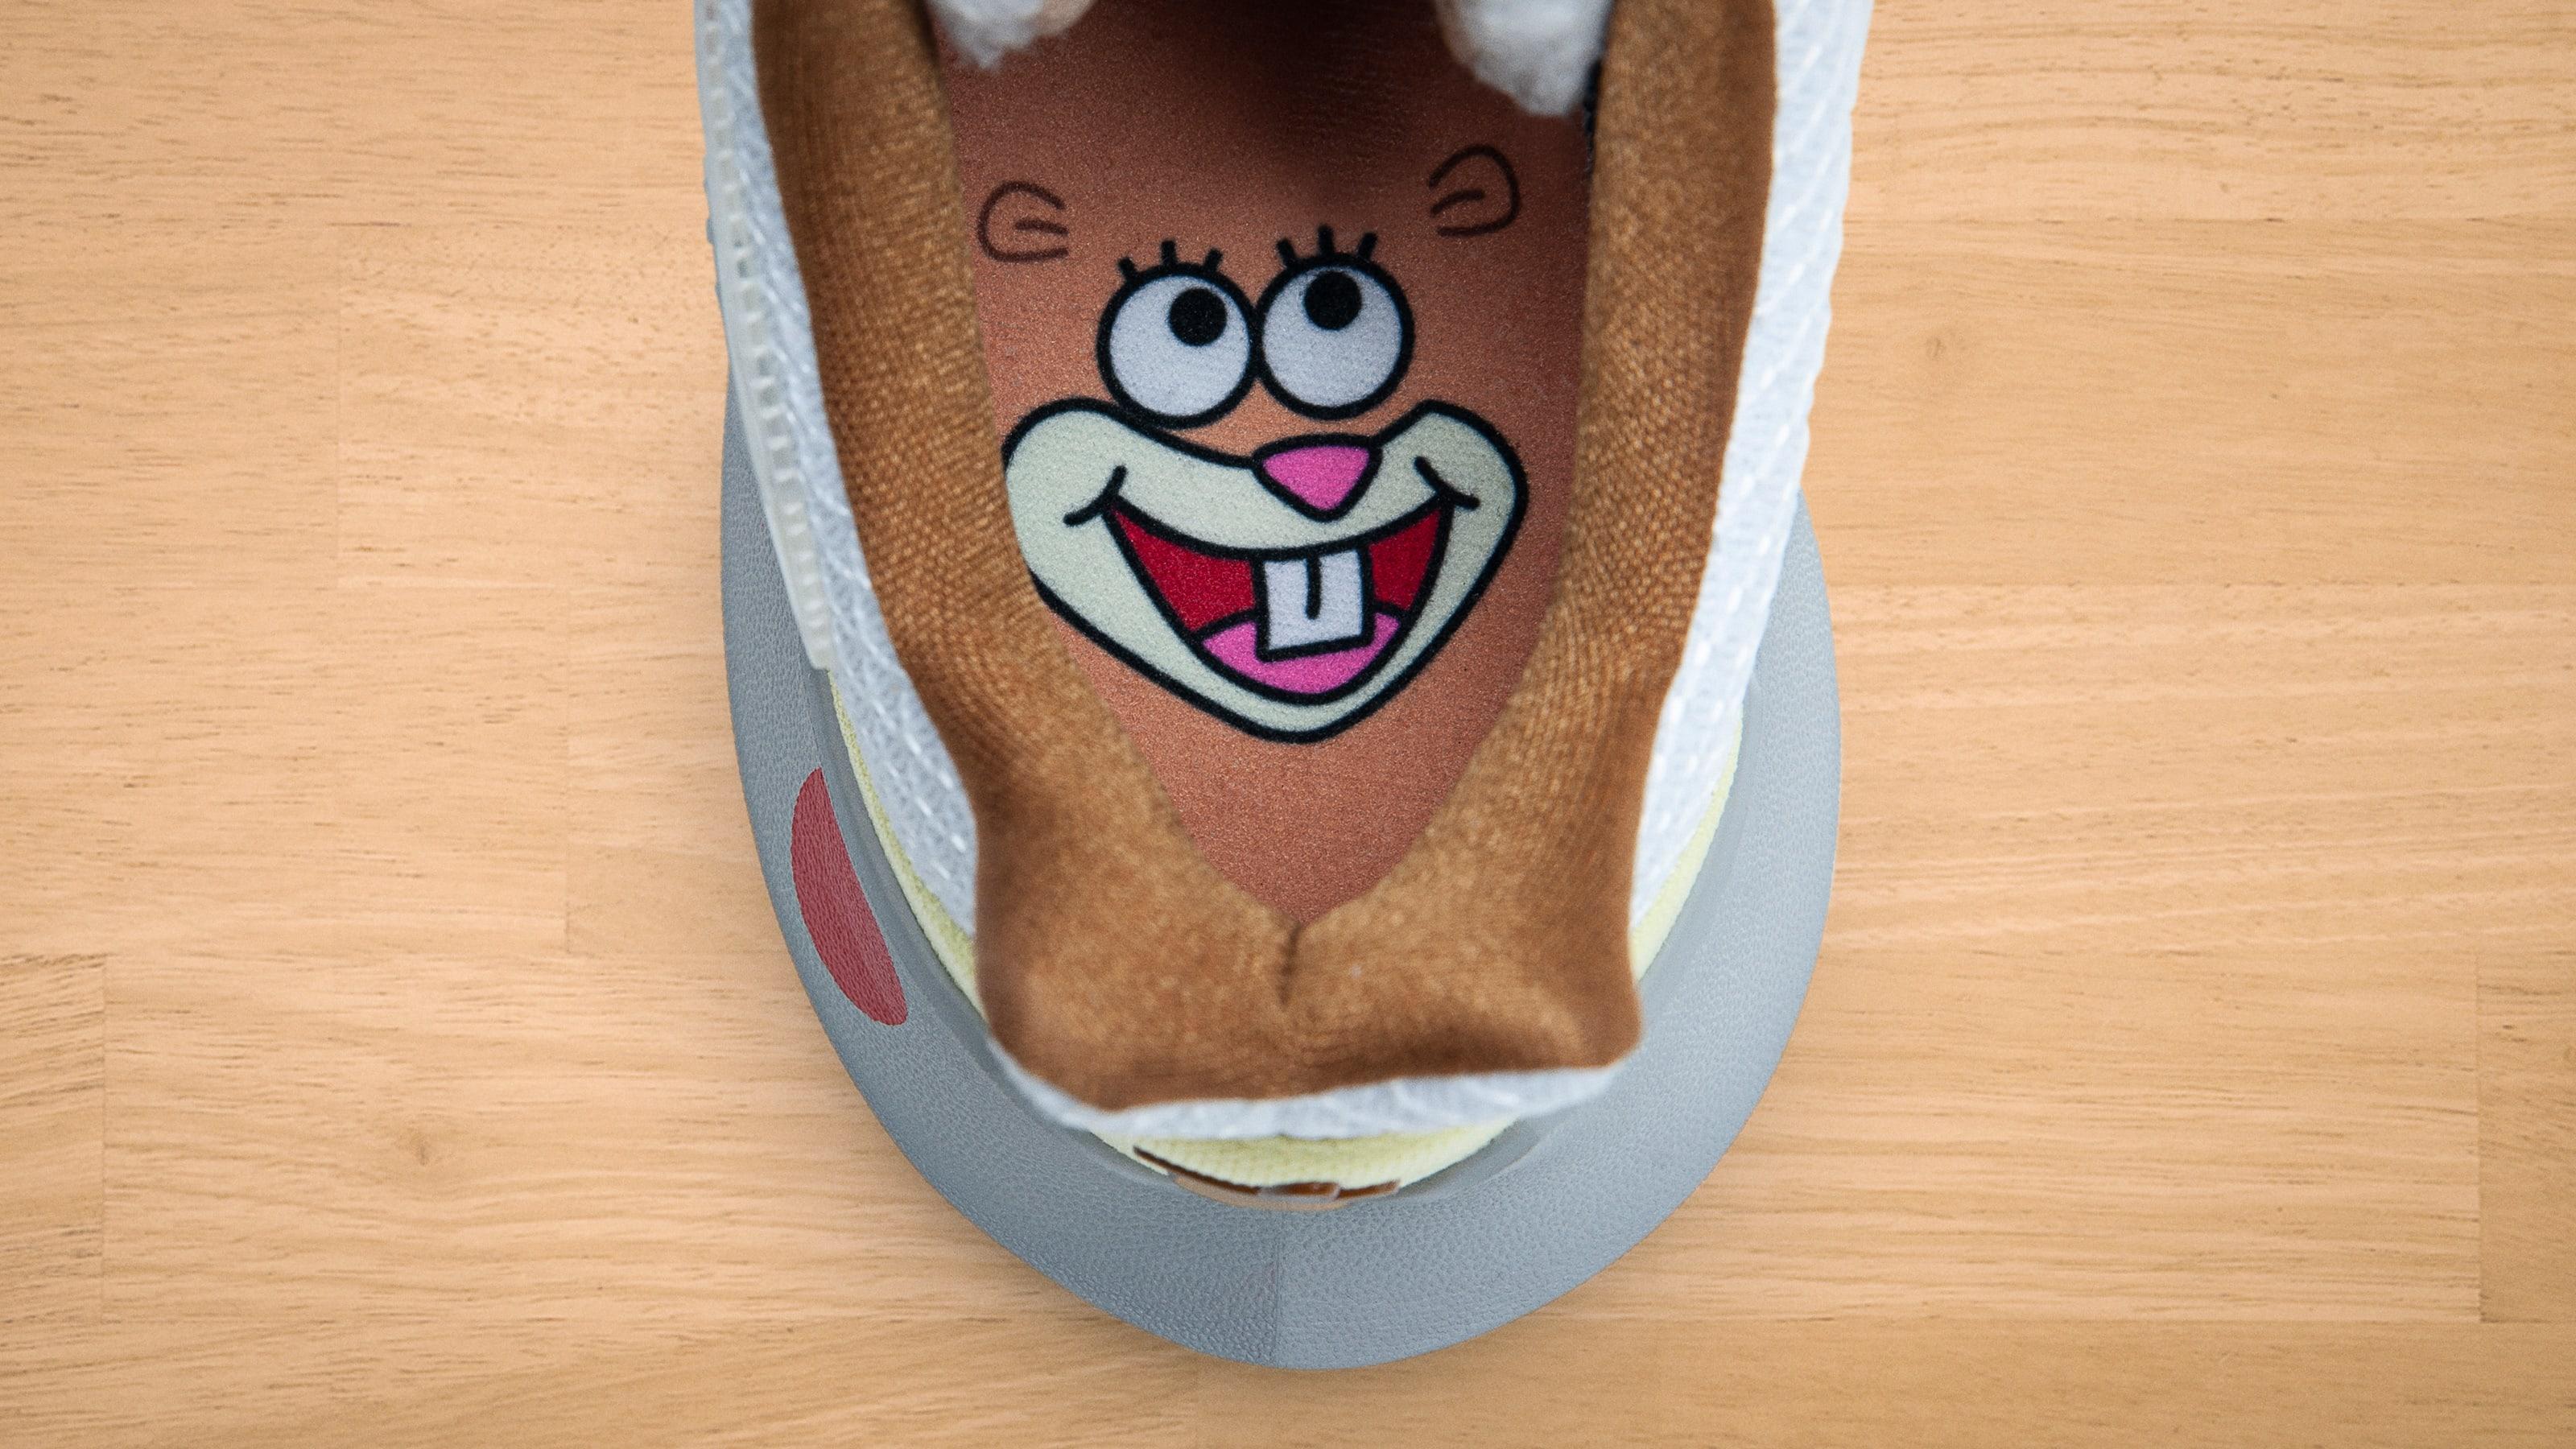 SpongeBob Squarepants x Nike Kyrie Low 2 'Sandy' (Insole)